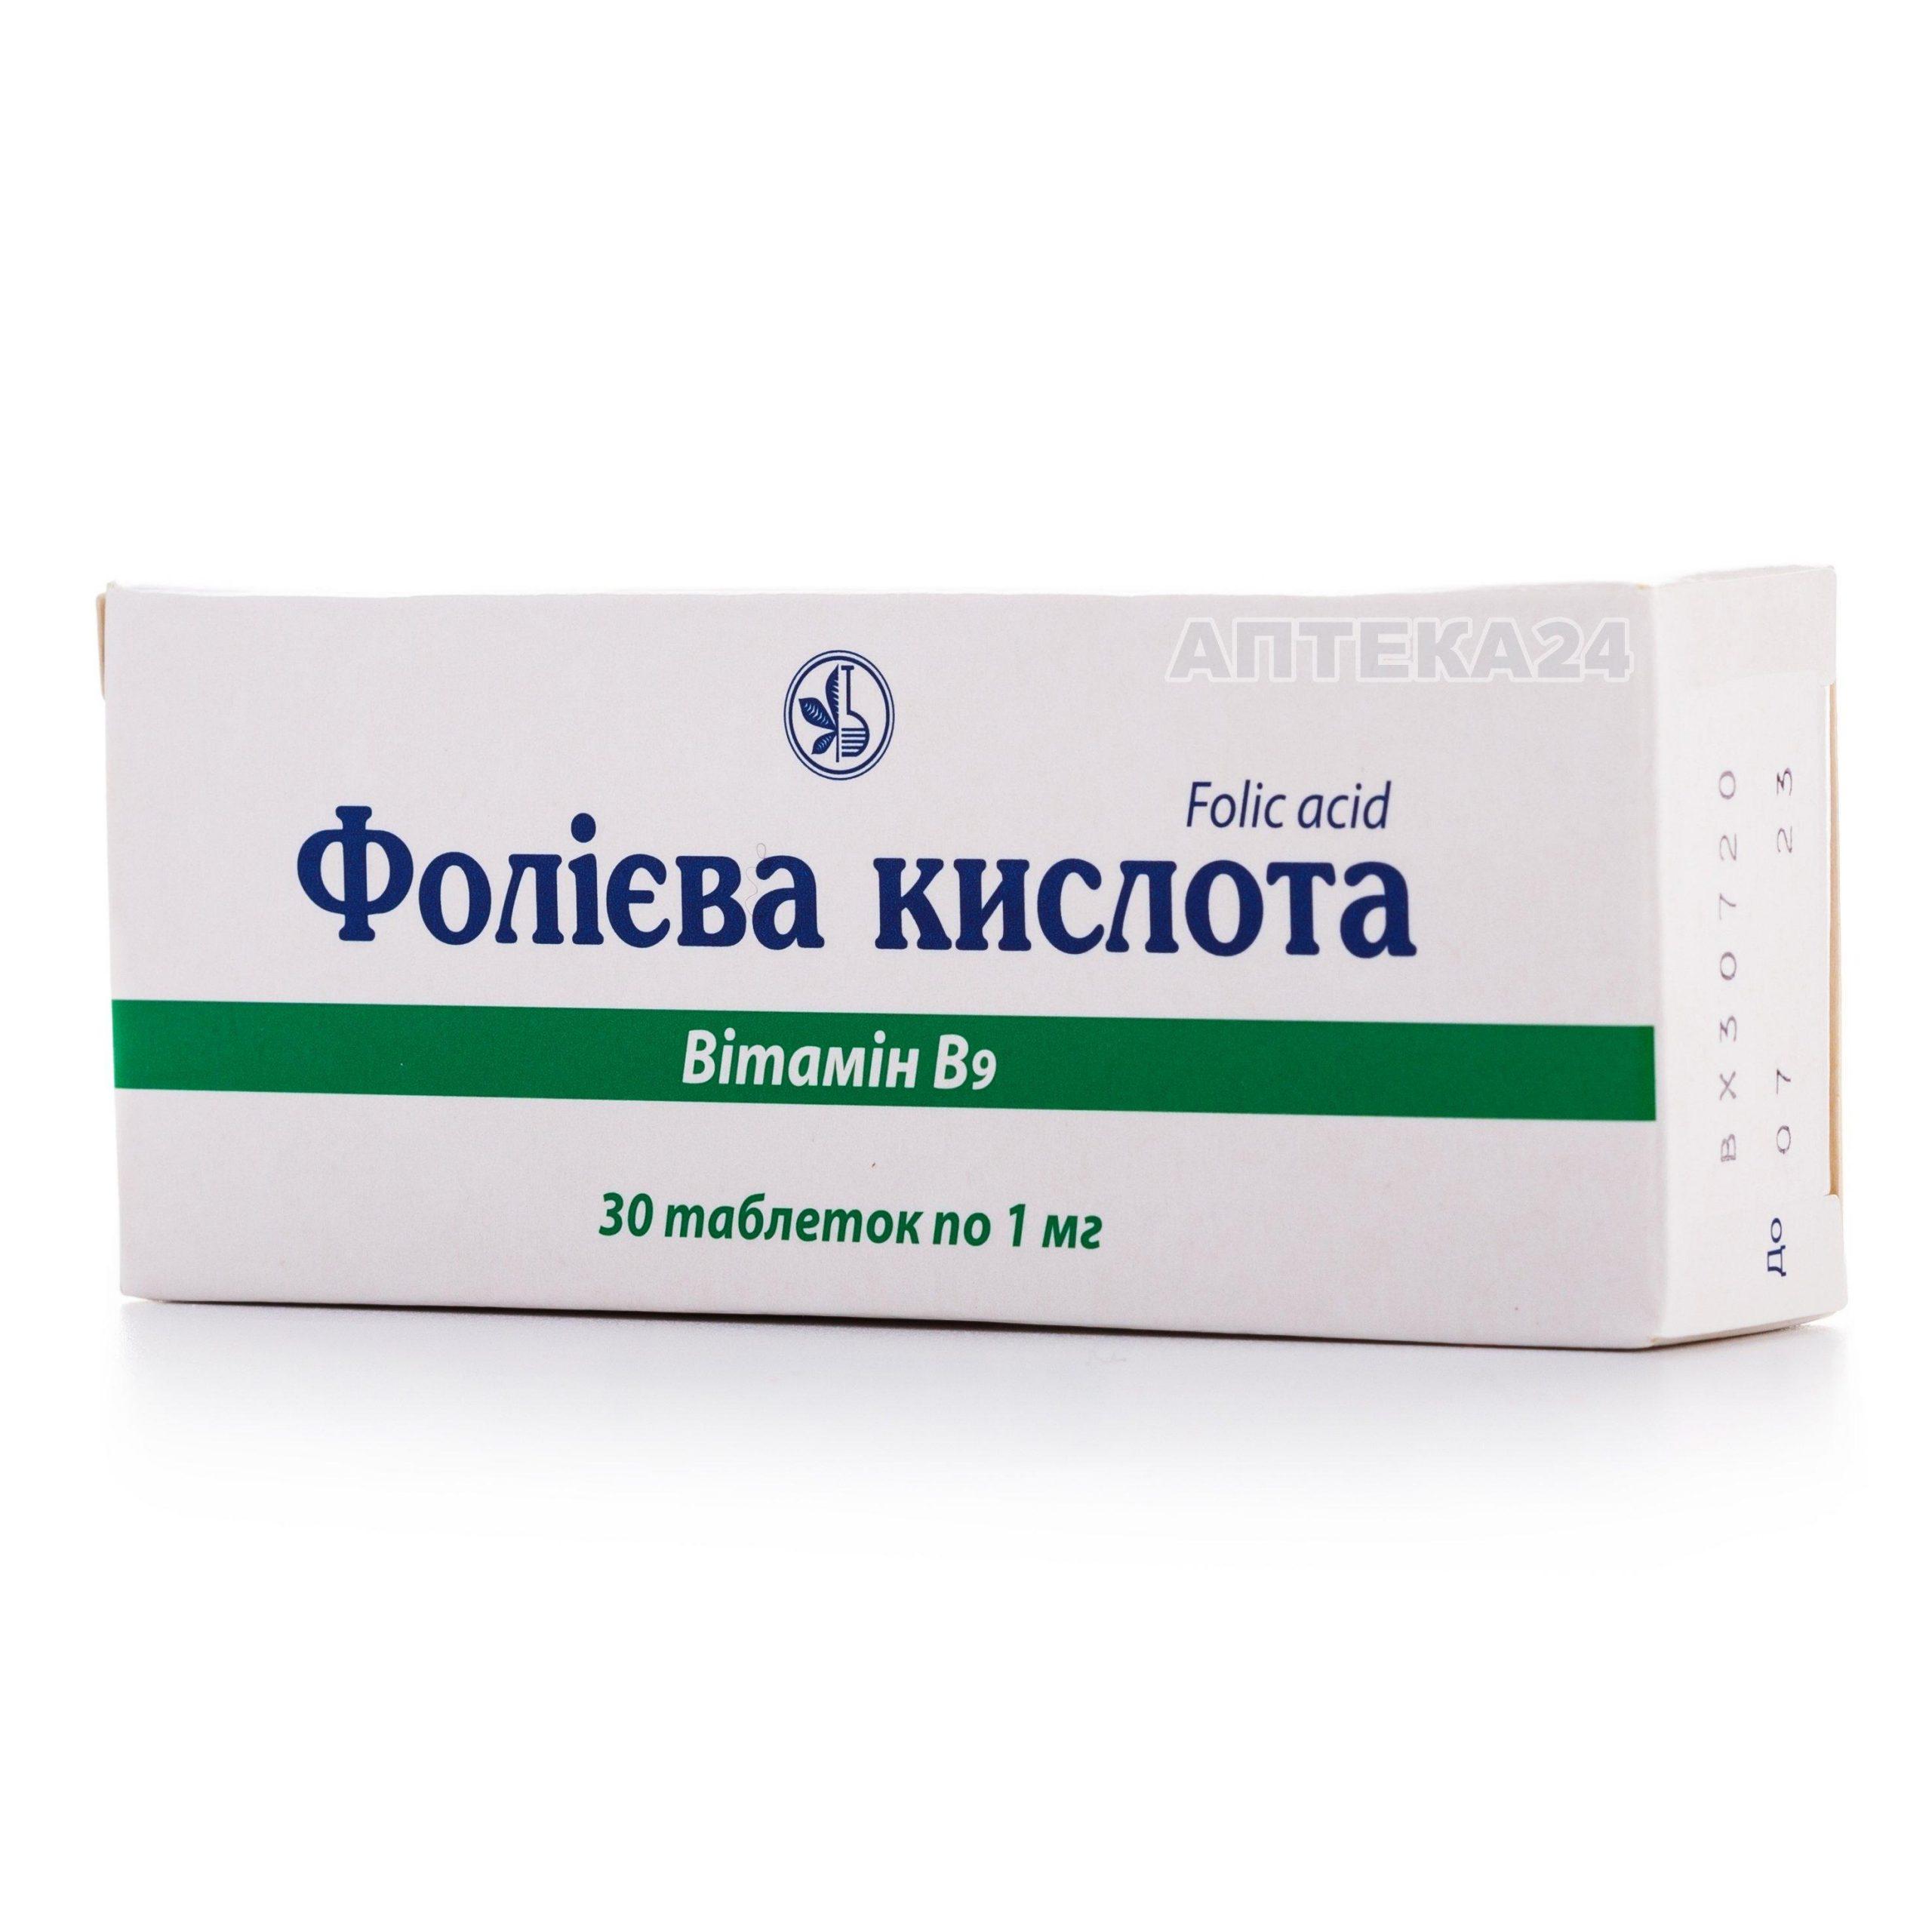 Фолиевая кислота 1 мг N30 таблетки_6005d6f43b032.jpeg